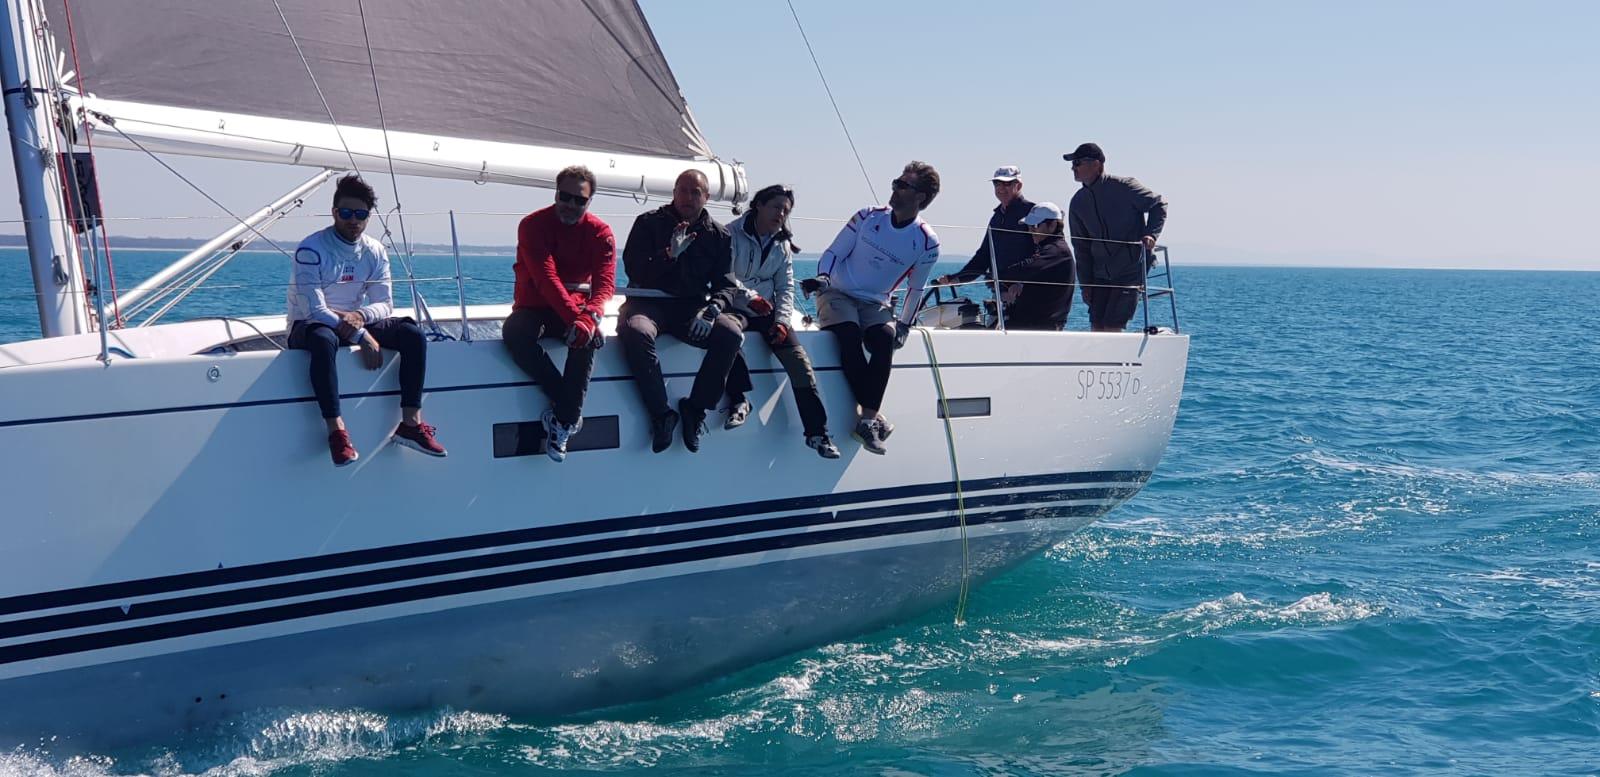 Il Coronavirus ferma anche la vela, rinviato il XXV Trofeo Challenge Ammiraglio Giuseppe Francese